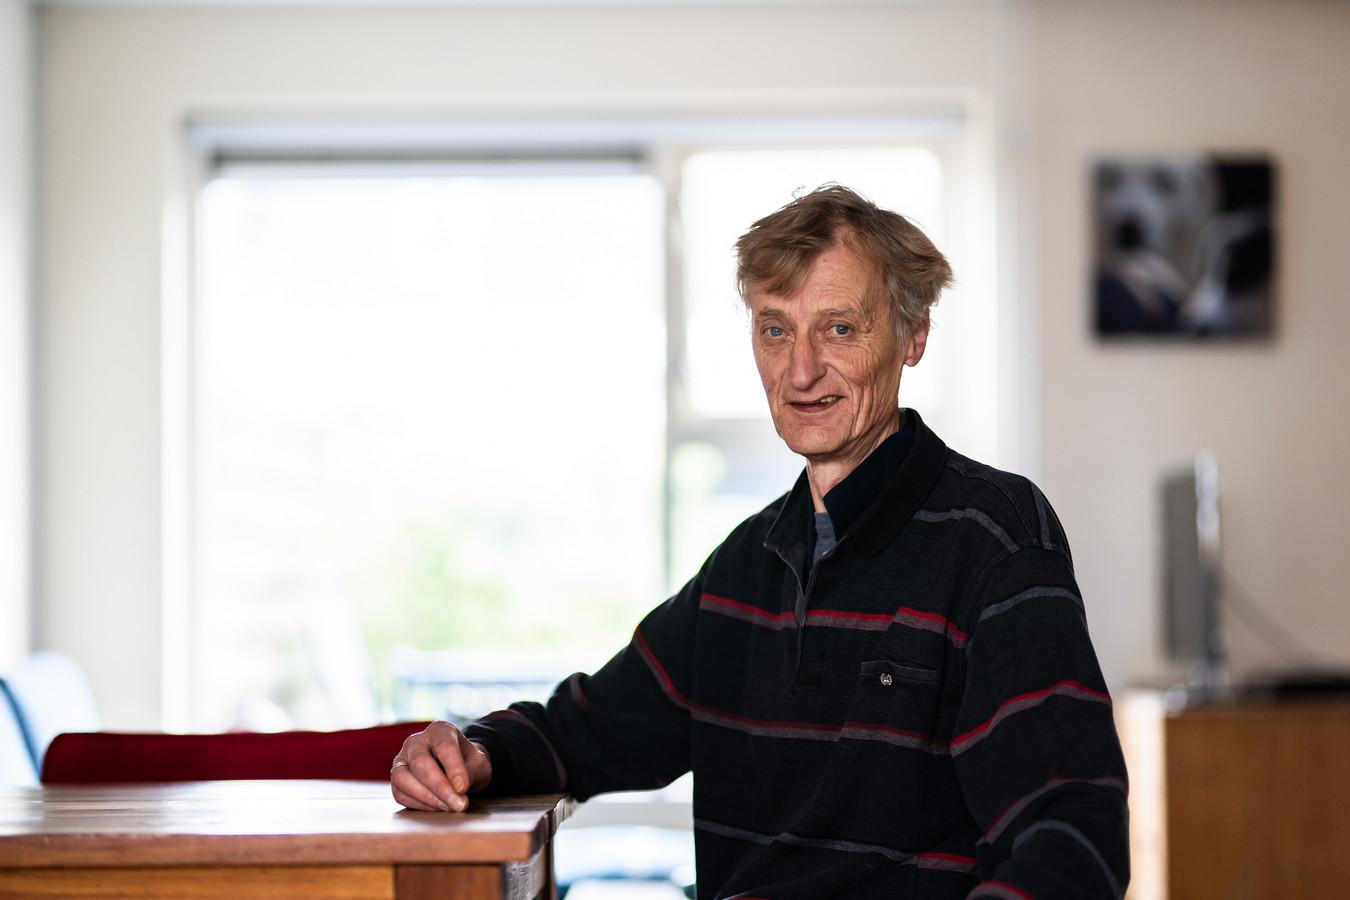 Peter Bloemendaal in zijn huis in Doesburg. Op de achtergrond een beeldscherm. Elke dag brengt hij menig uur door op laptop of computer, onder andere voor de Facebookpagina Oud-Arnhem.